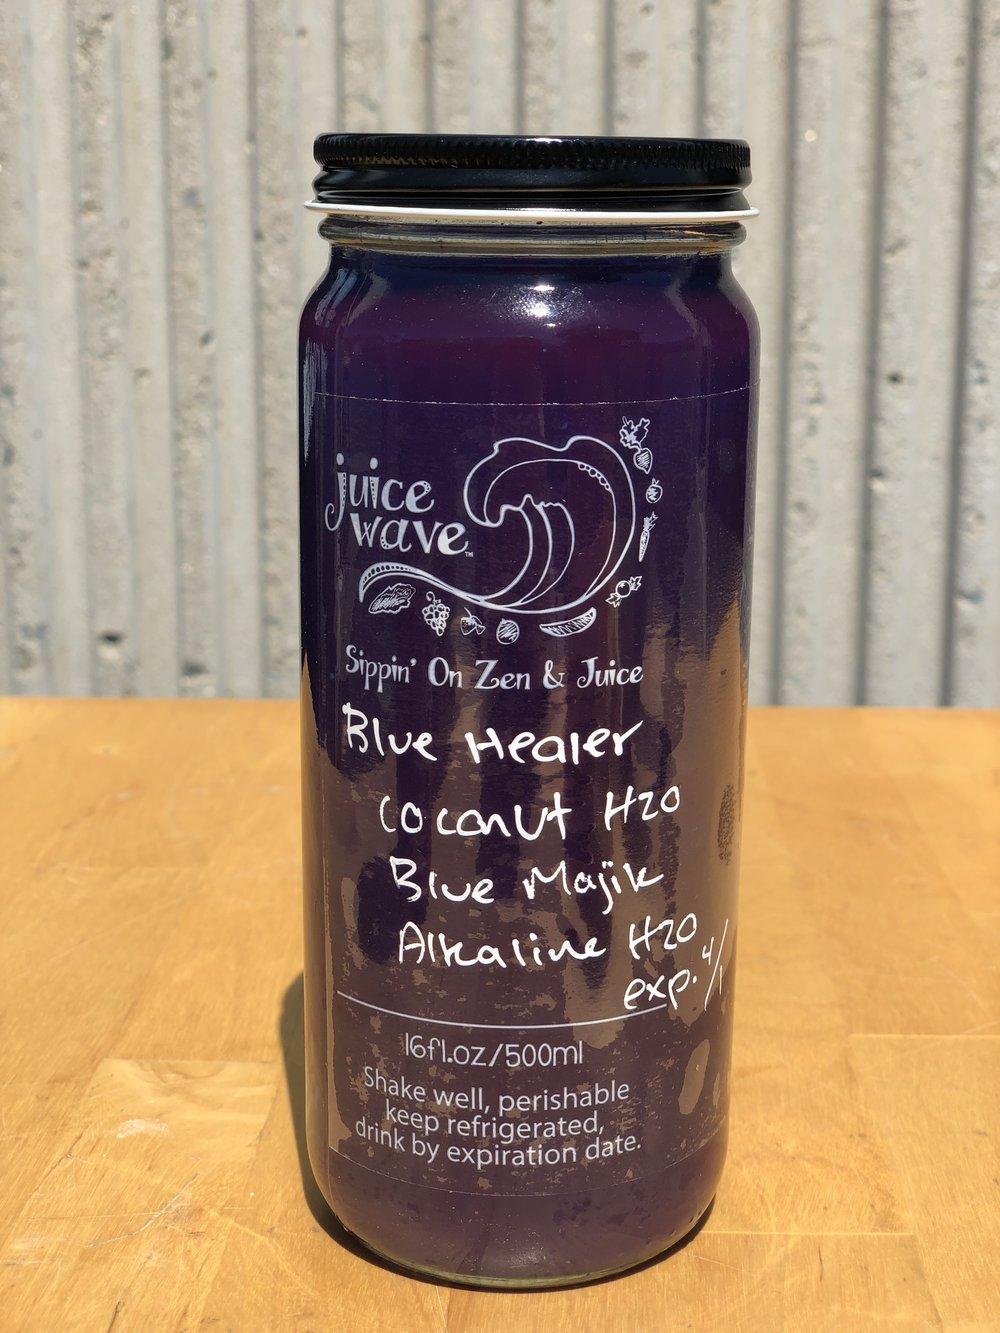 BLUE HEALER: Coconut H2O, Alkaline H2O, Blue Majik